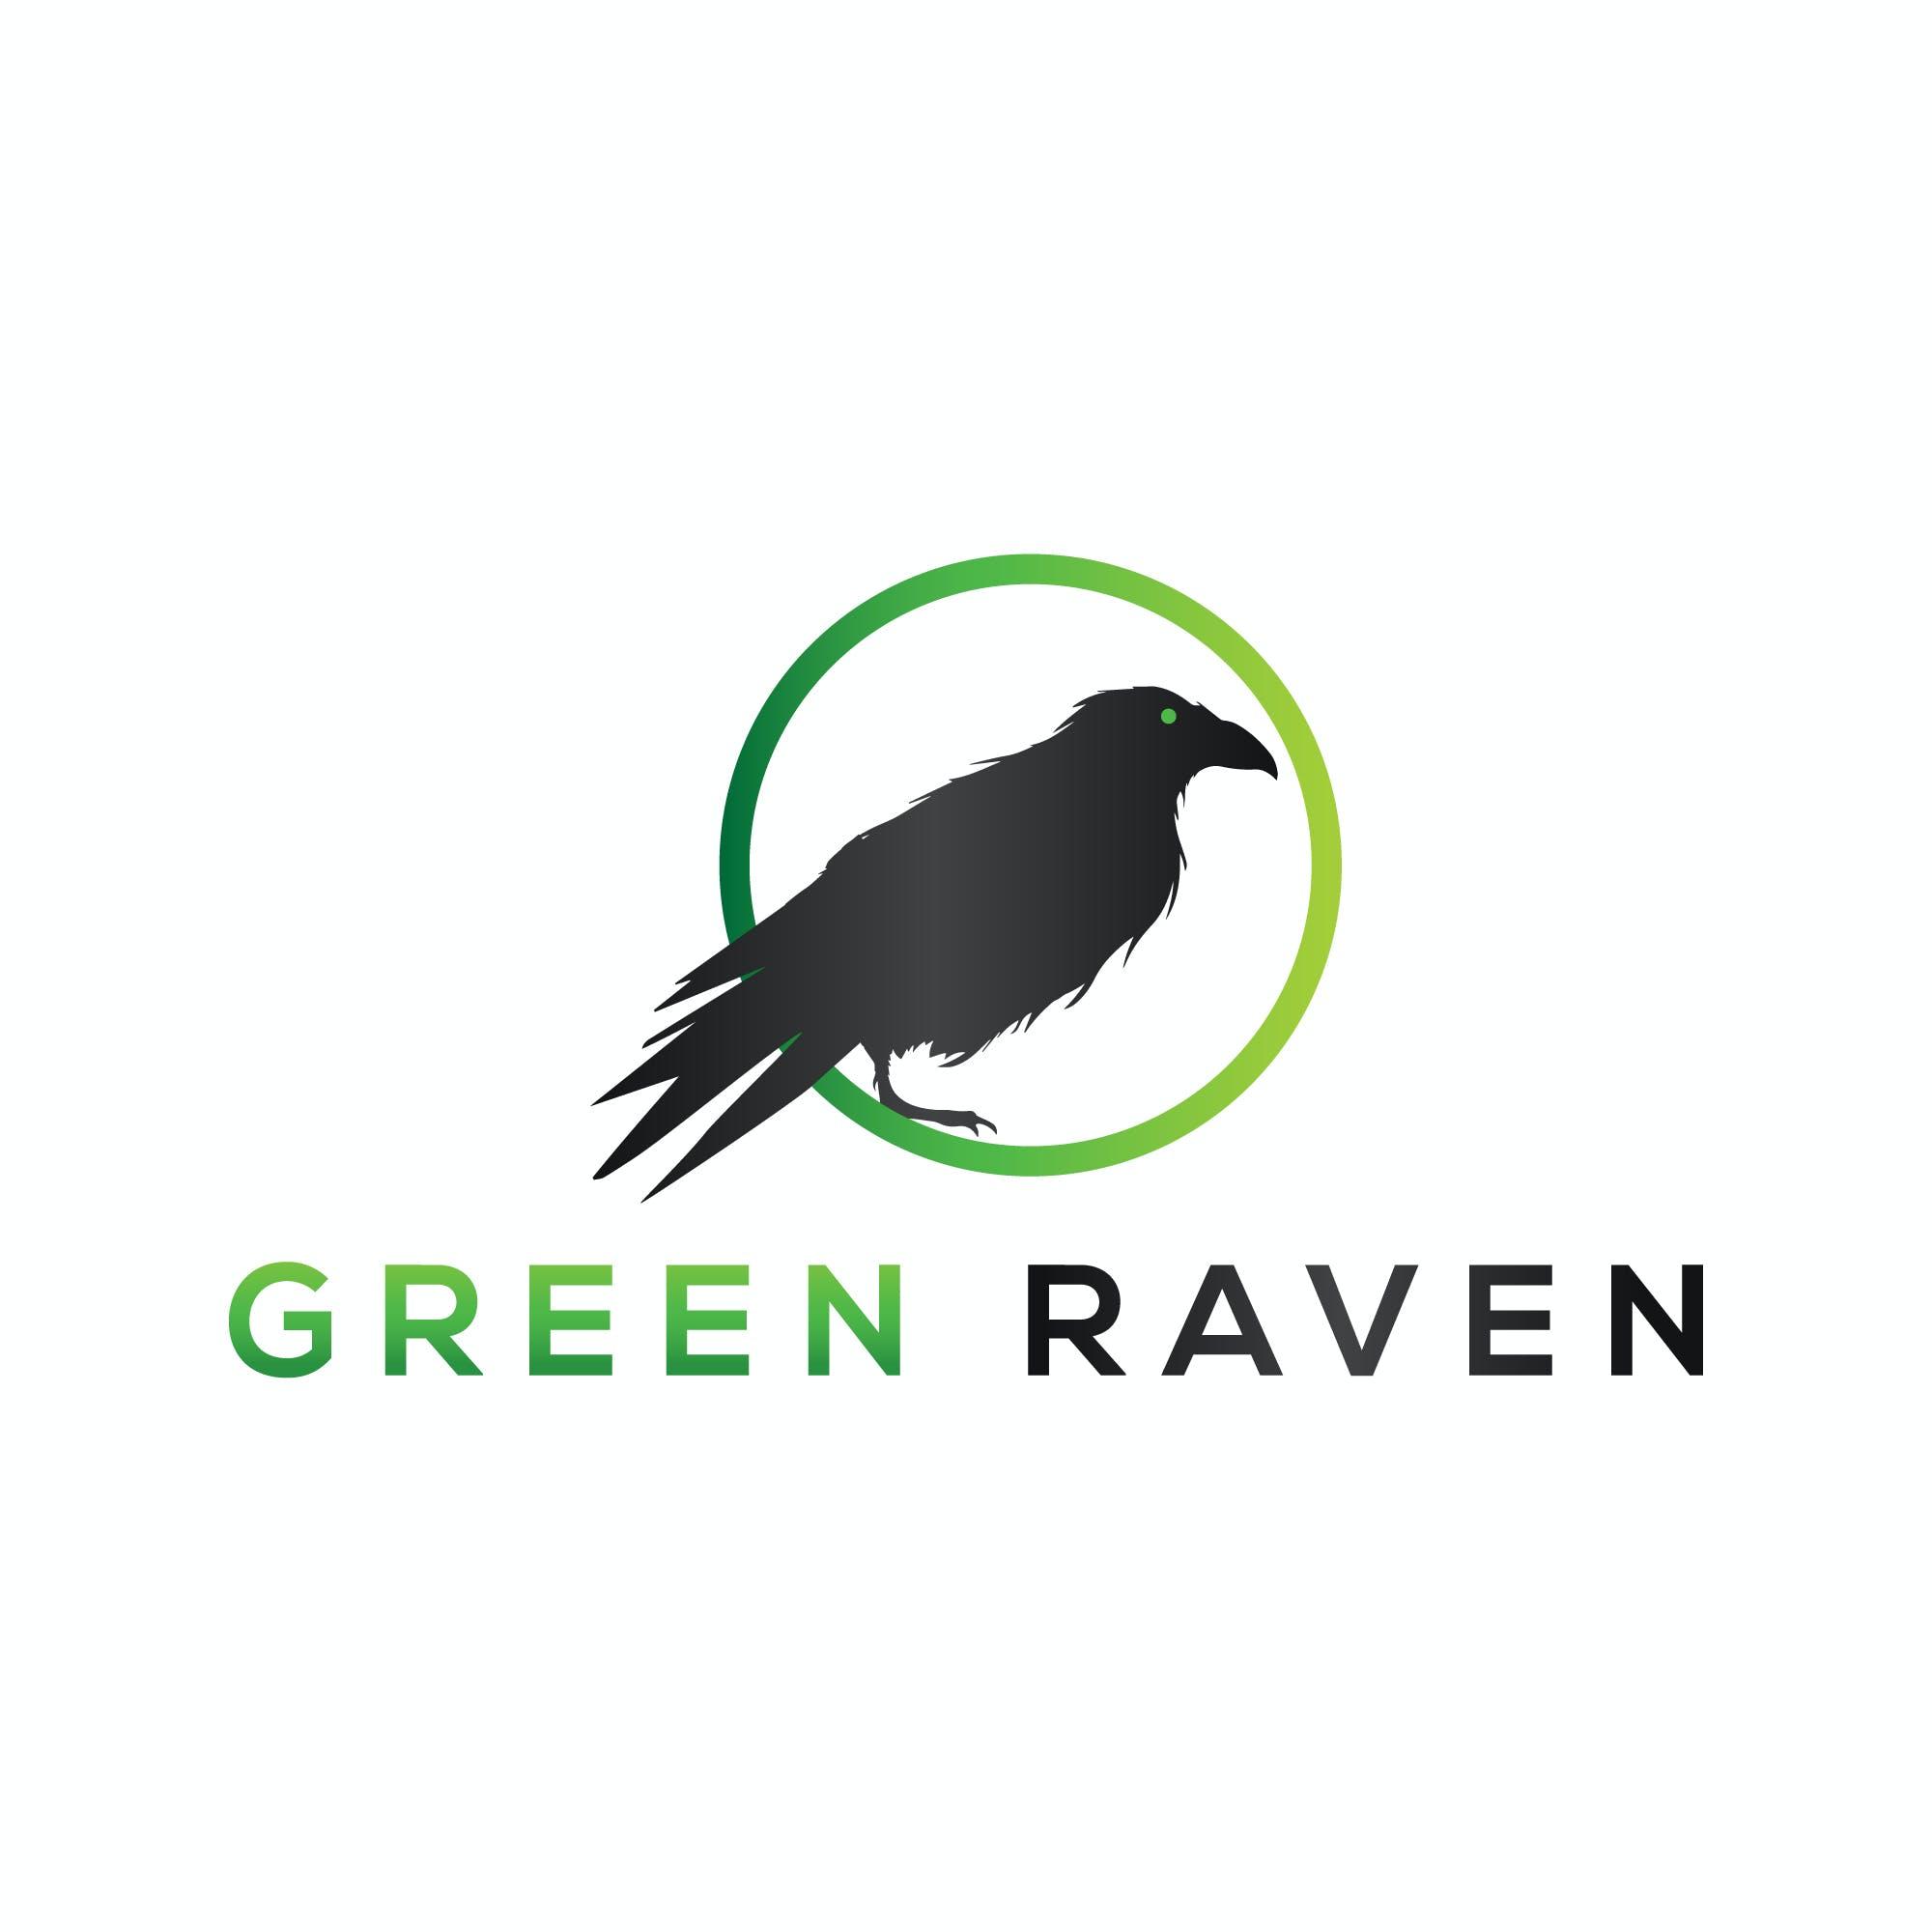 Green Raven